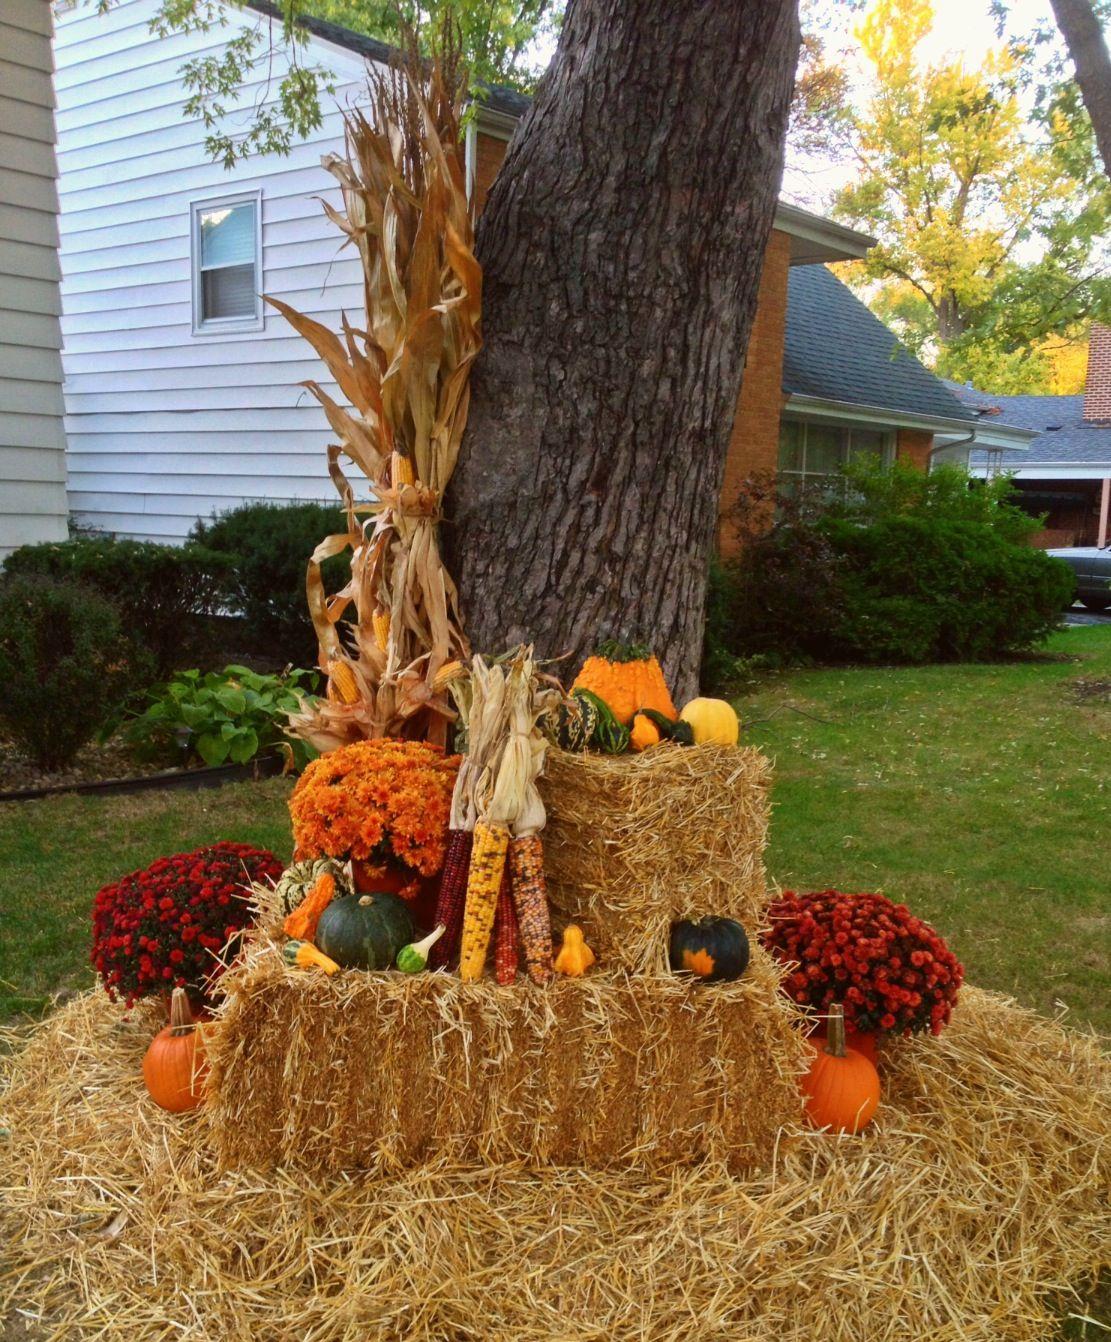 Outdoor Fall Decorating Pumpkin Ideas: Fall Decor, Corn Stalk, Indian Corn, Pumpkins, Gourds